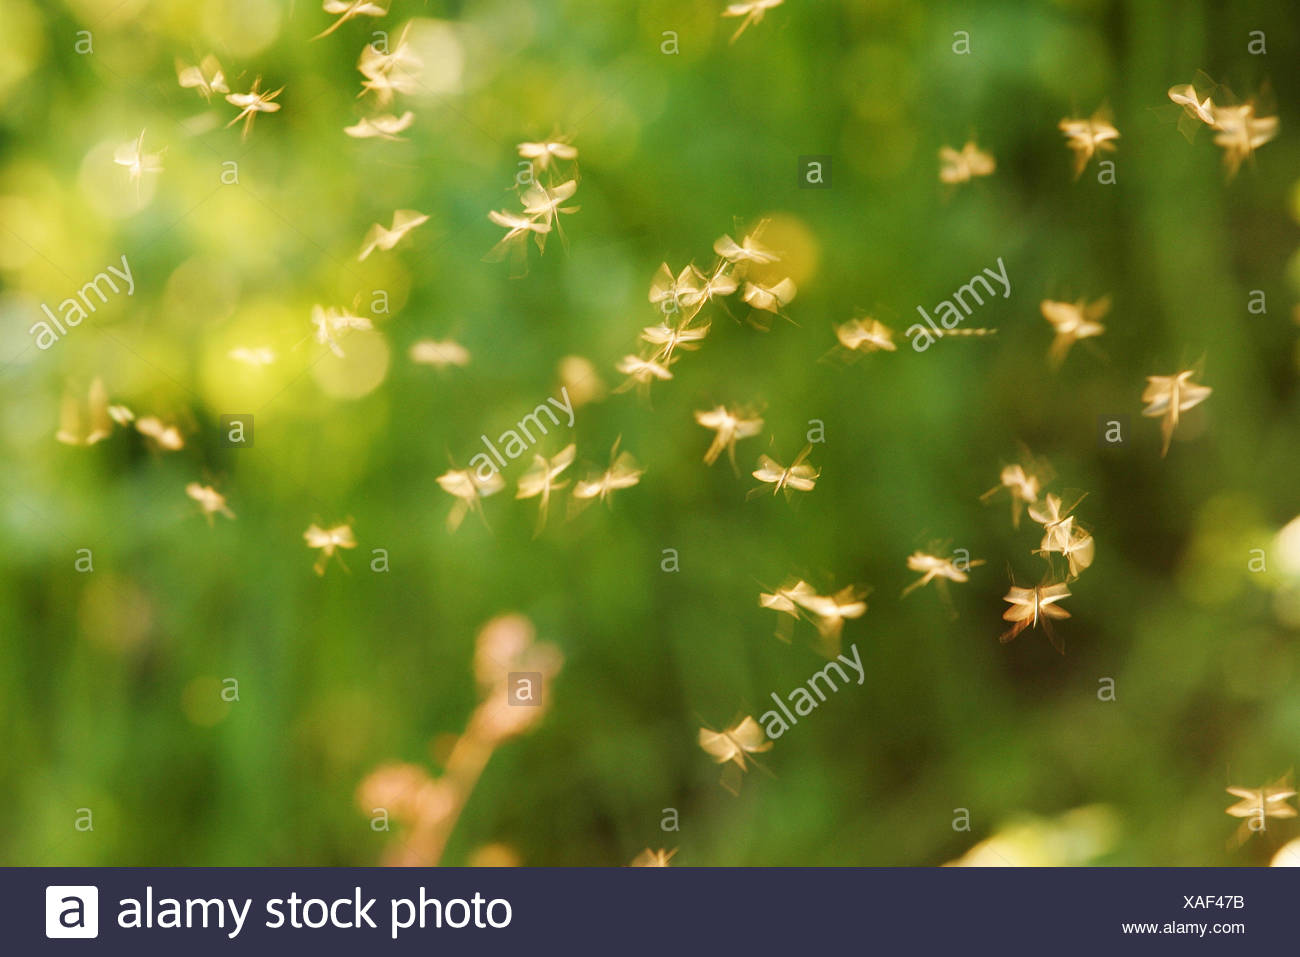 Schwarm von Mücken, Gegenlicht, Insekten, Stechmücken, Mücken, Stechmücken, Gelsen, Culicidae, Blutsauger, Vektoren, Schädlinge, klein, winzig, vielen, geringes Gewicht, einfache, Flüchtigkeit, Surren, Brummen, fliegen langstielig, Natur, Tiere, Gegenlicht Stockbild